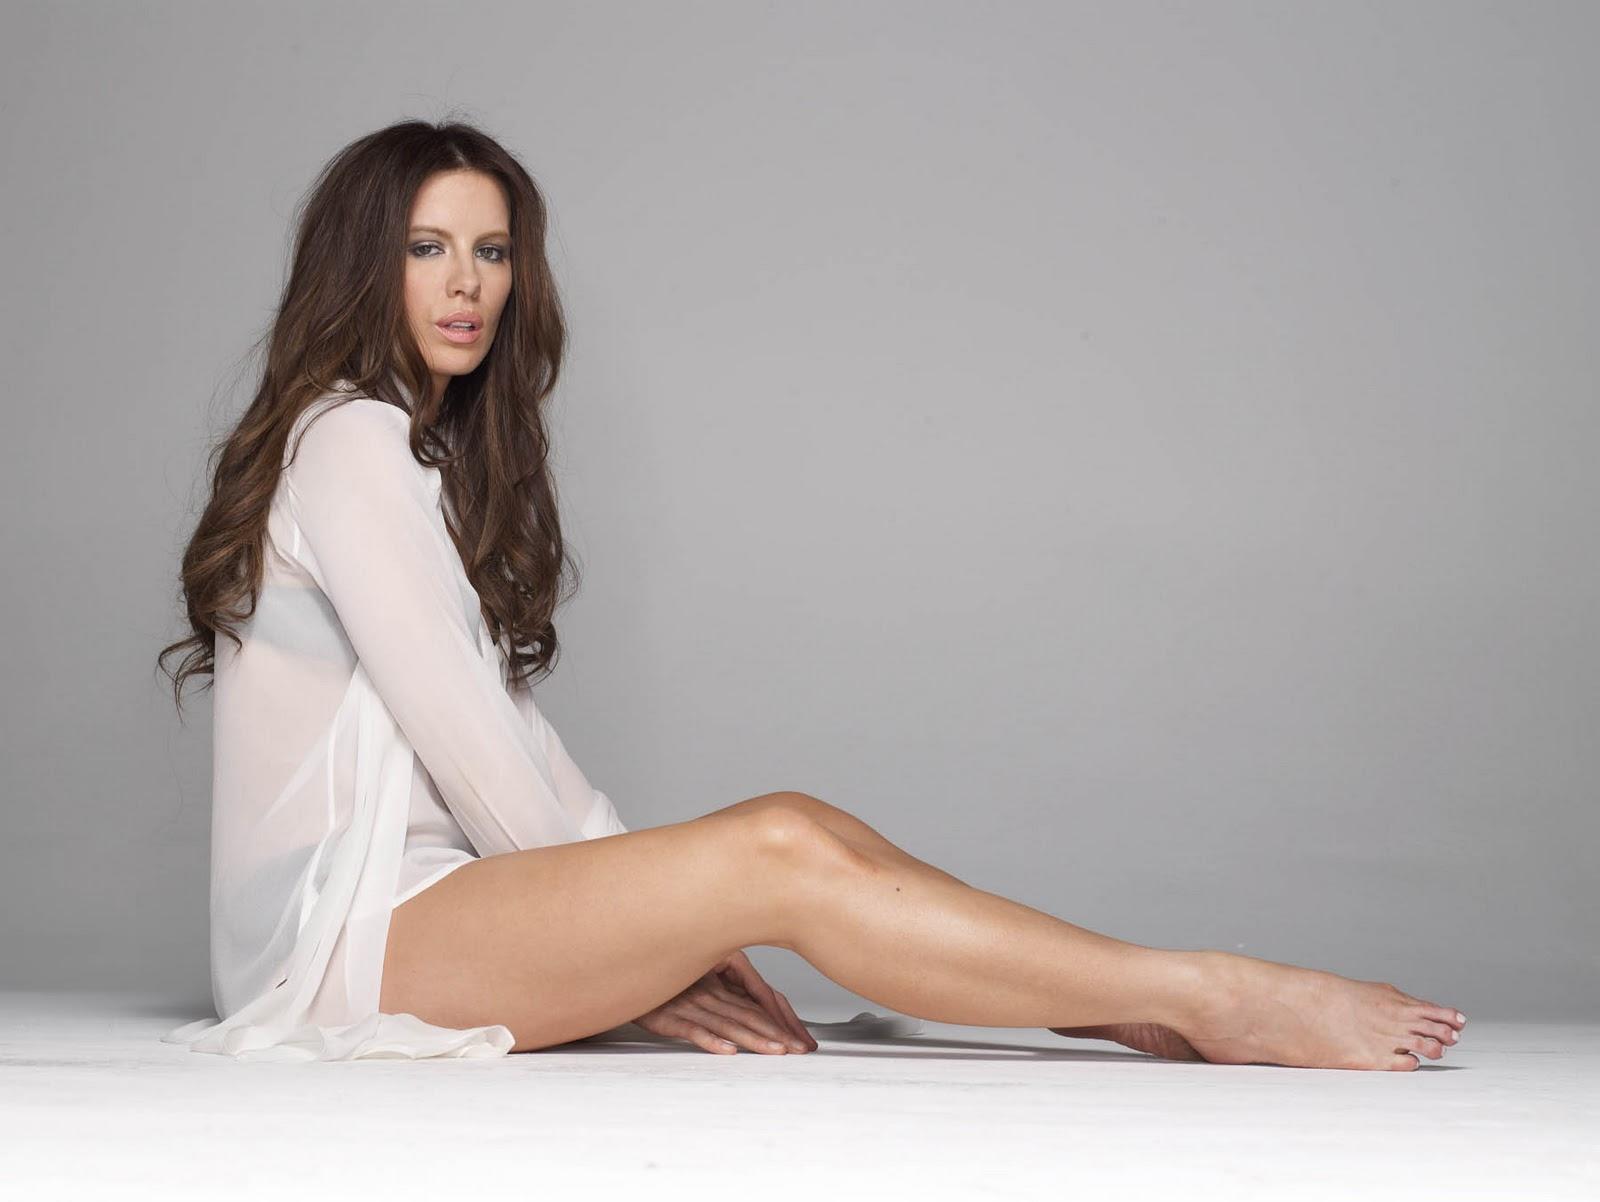 http://3.bp.blogspot.com/-ZWmyHSU7P2Q/Tt8bp7sXFaI/AAAAAAAABKw/b0F3tocAkDc/s1600/Kate-Beckinsale-Feet-550621.jpg